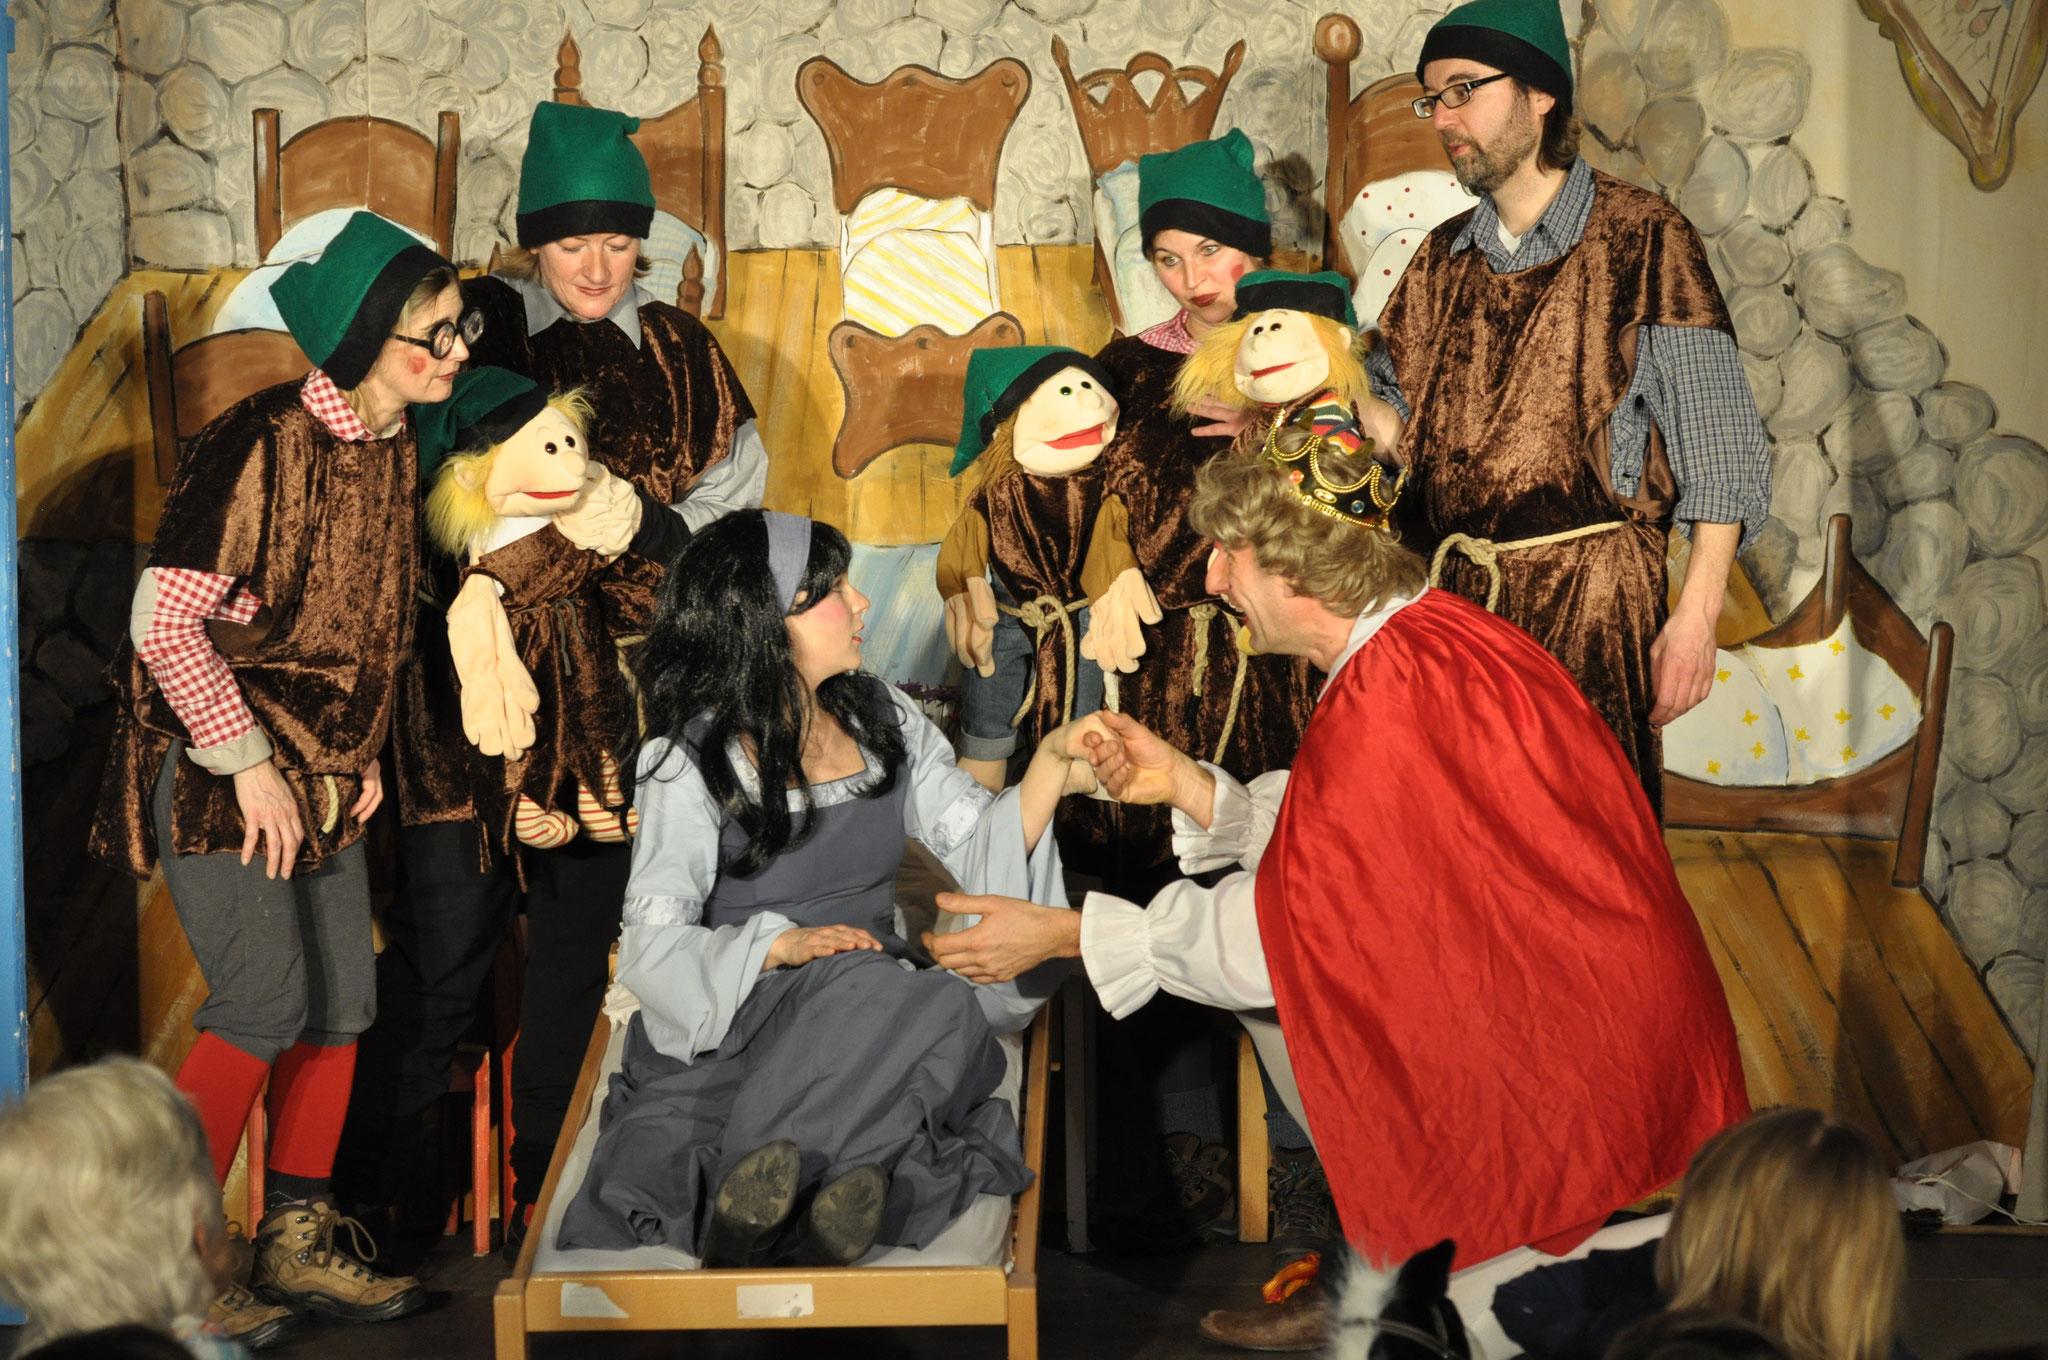 Märchenfest: Theater-Aufführung unserer Theater-AG.